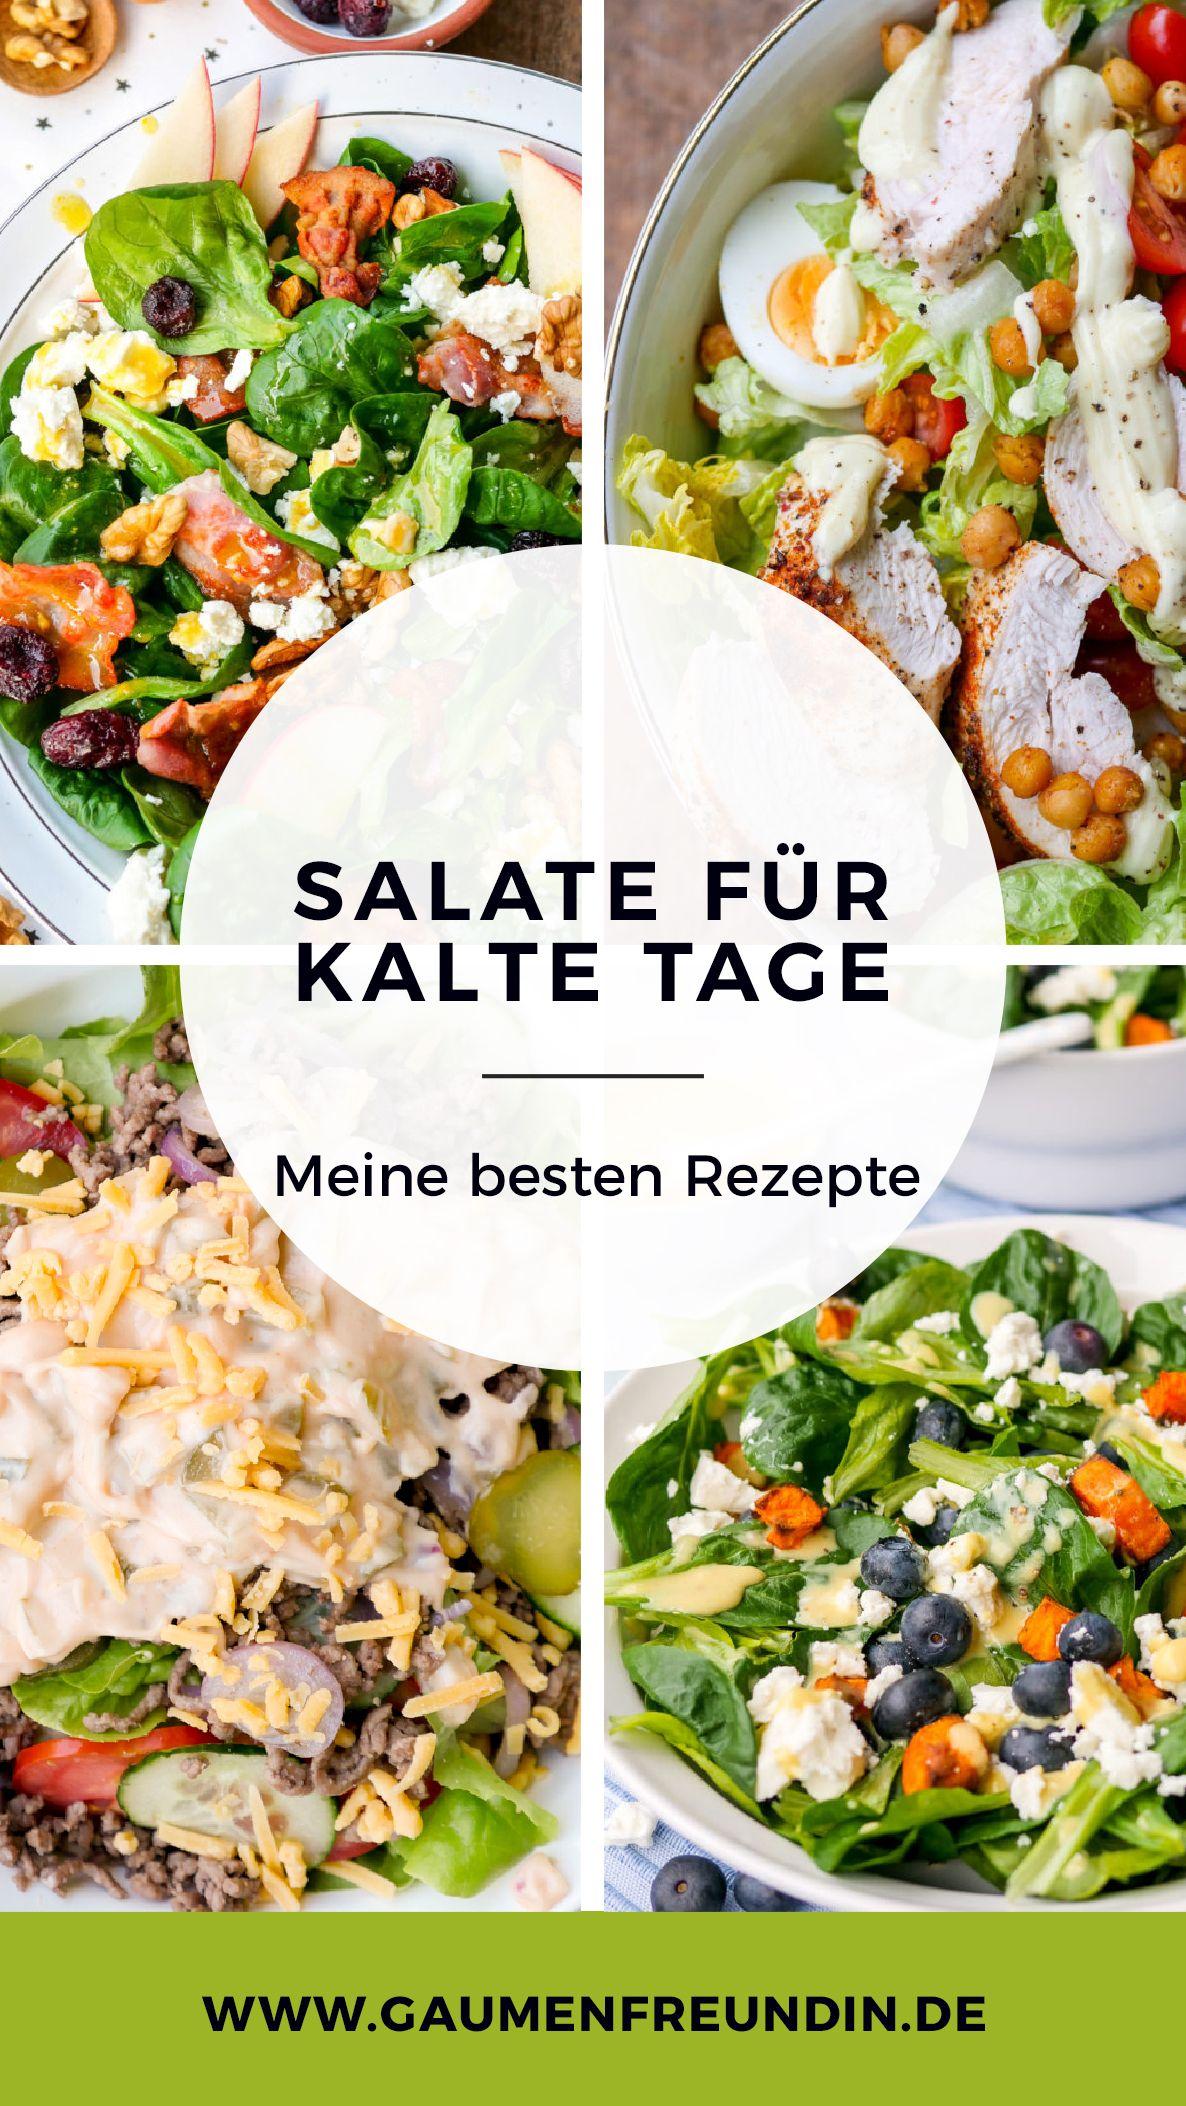 Herbstliche Salate - gesund + schnell